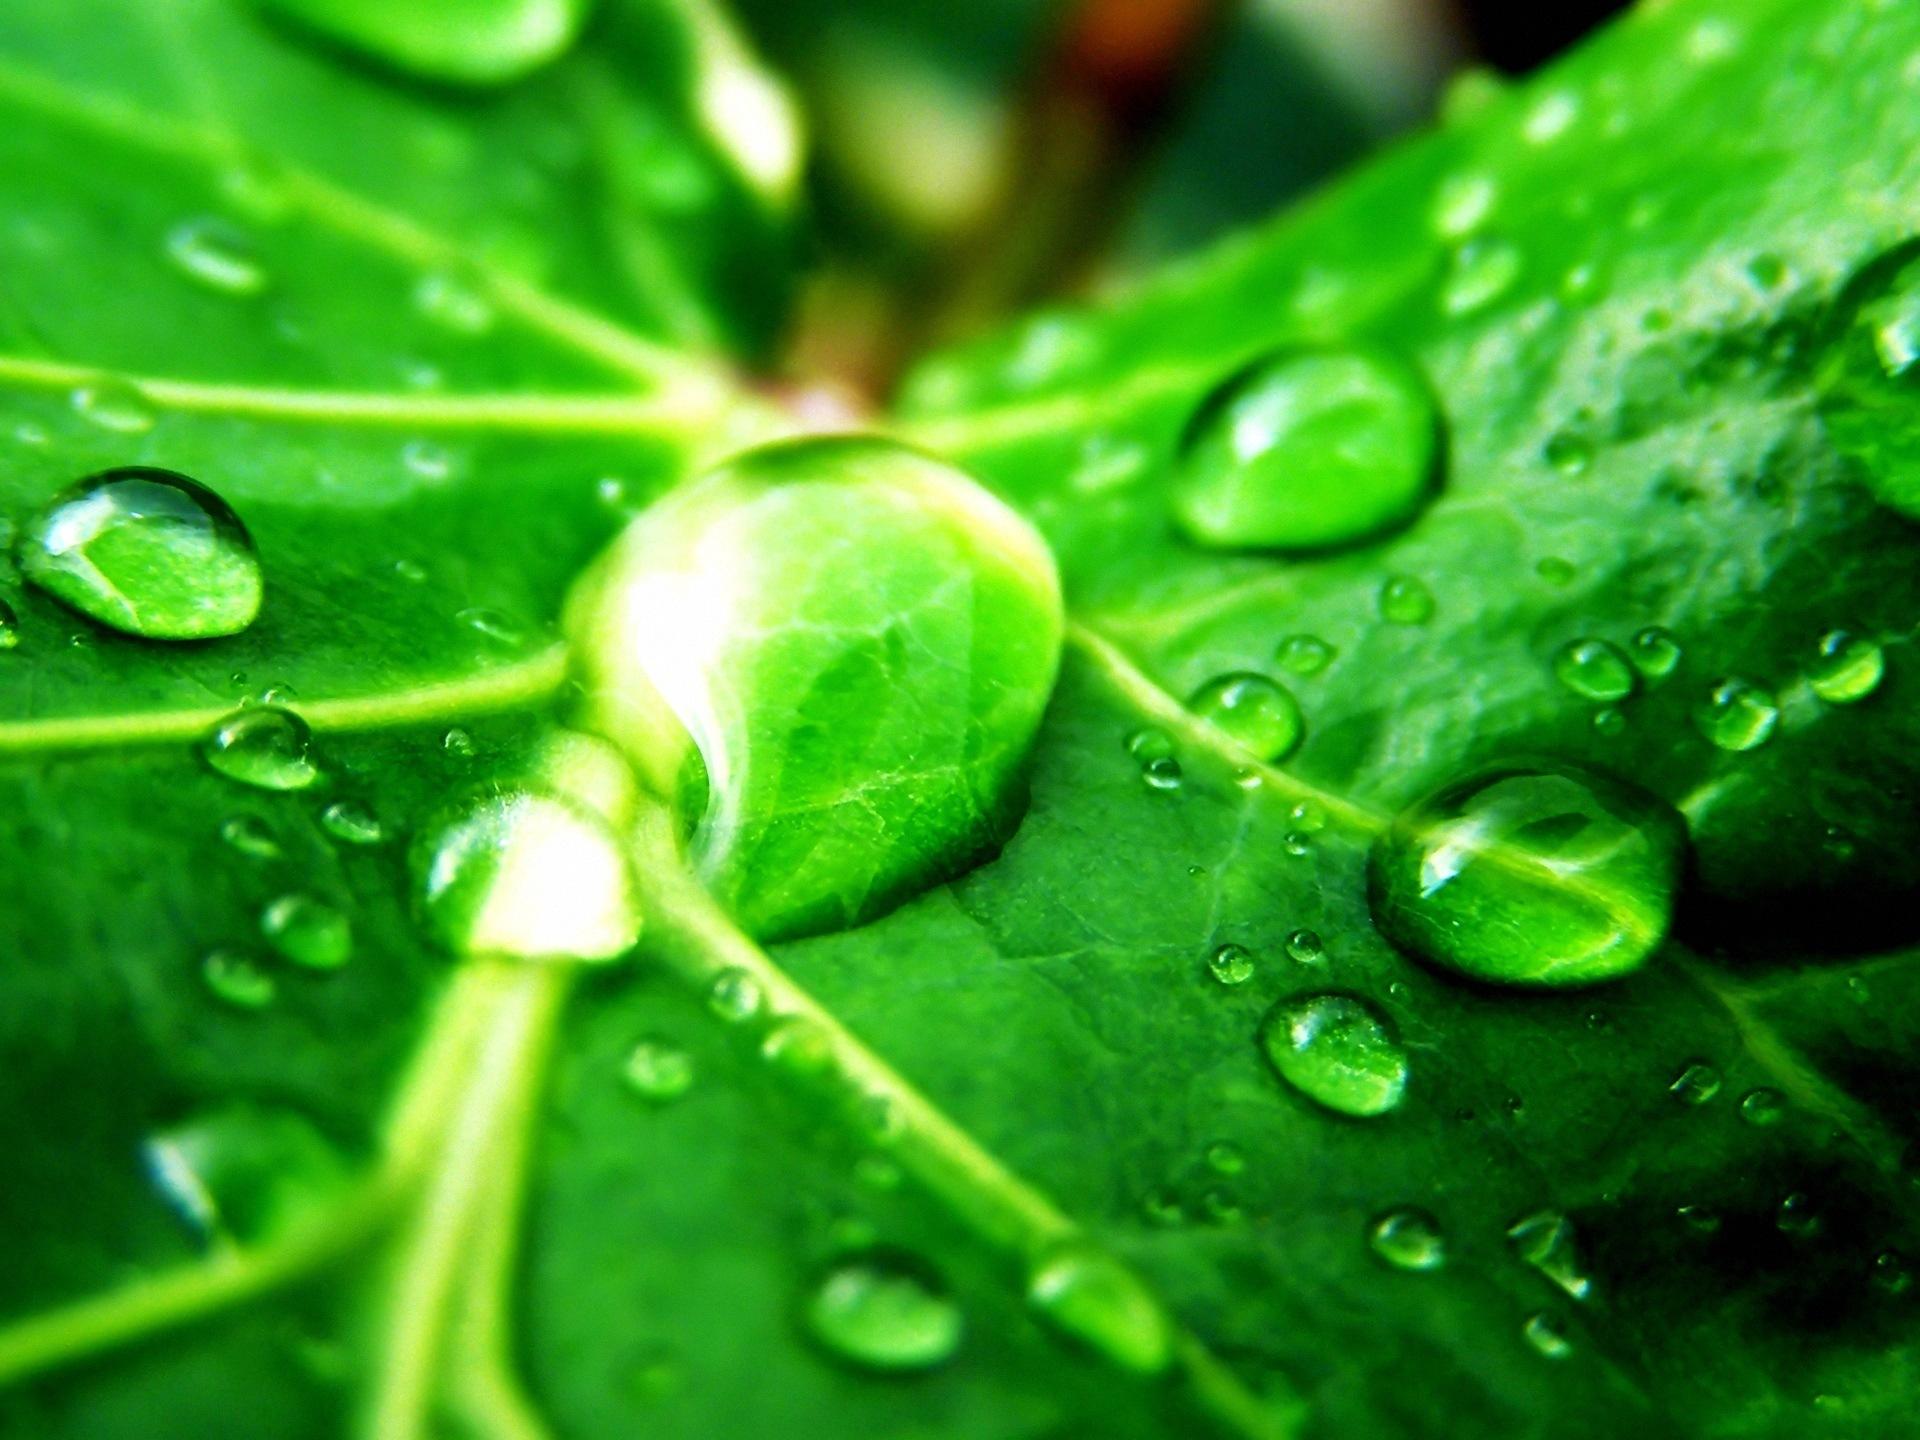 Green Nature Wallpaper   Green Wallpaper 19511380 1920x1440